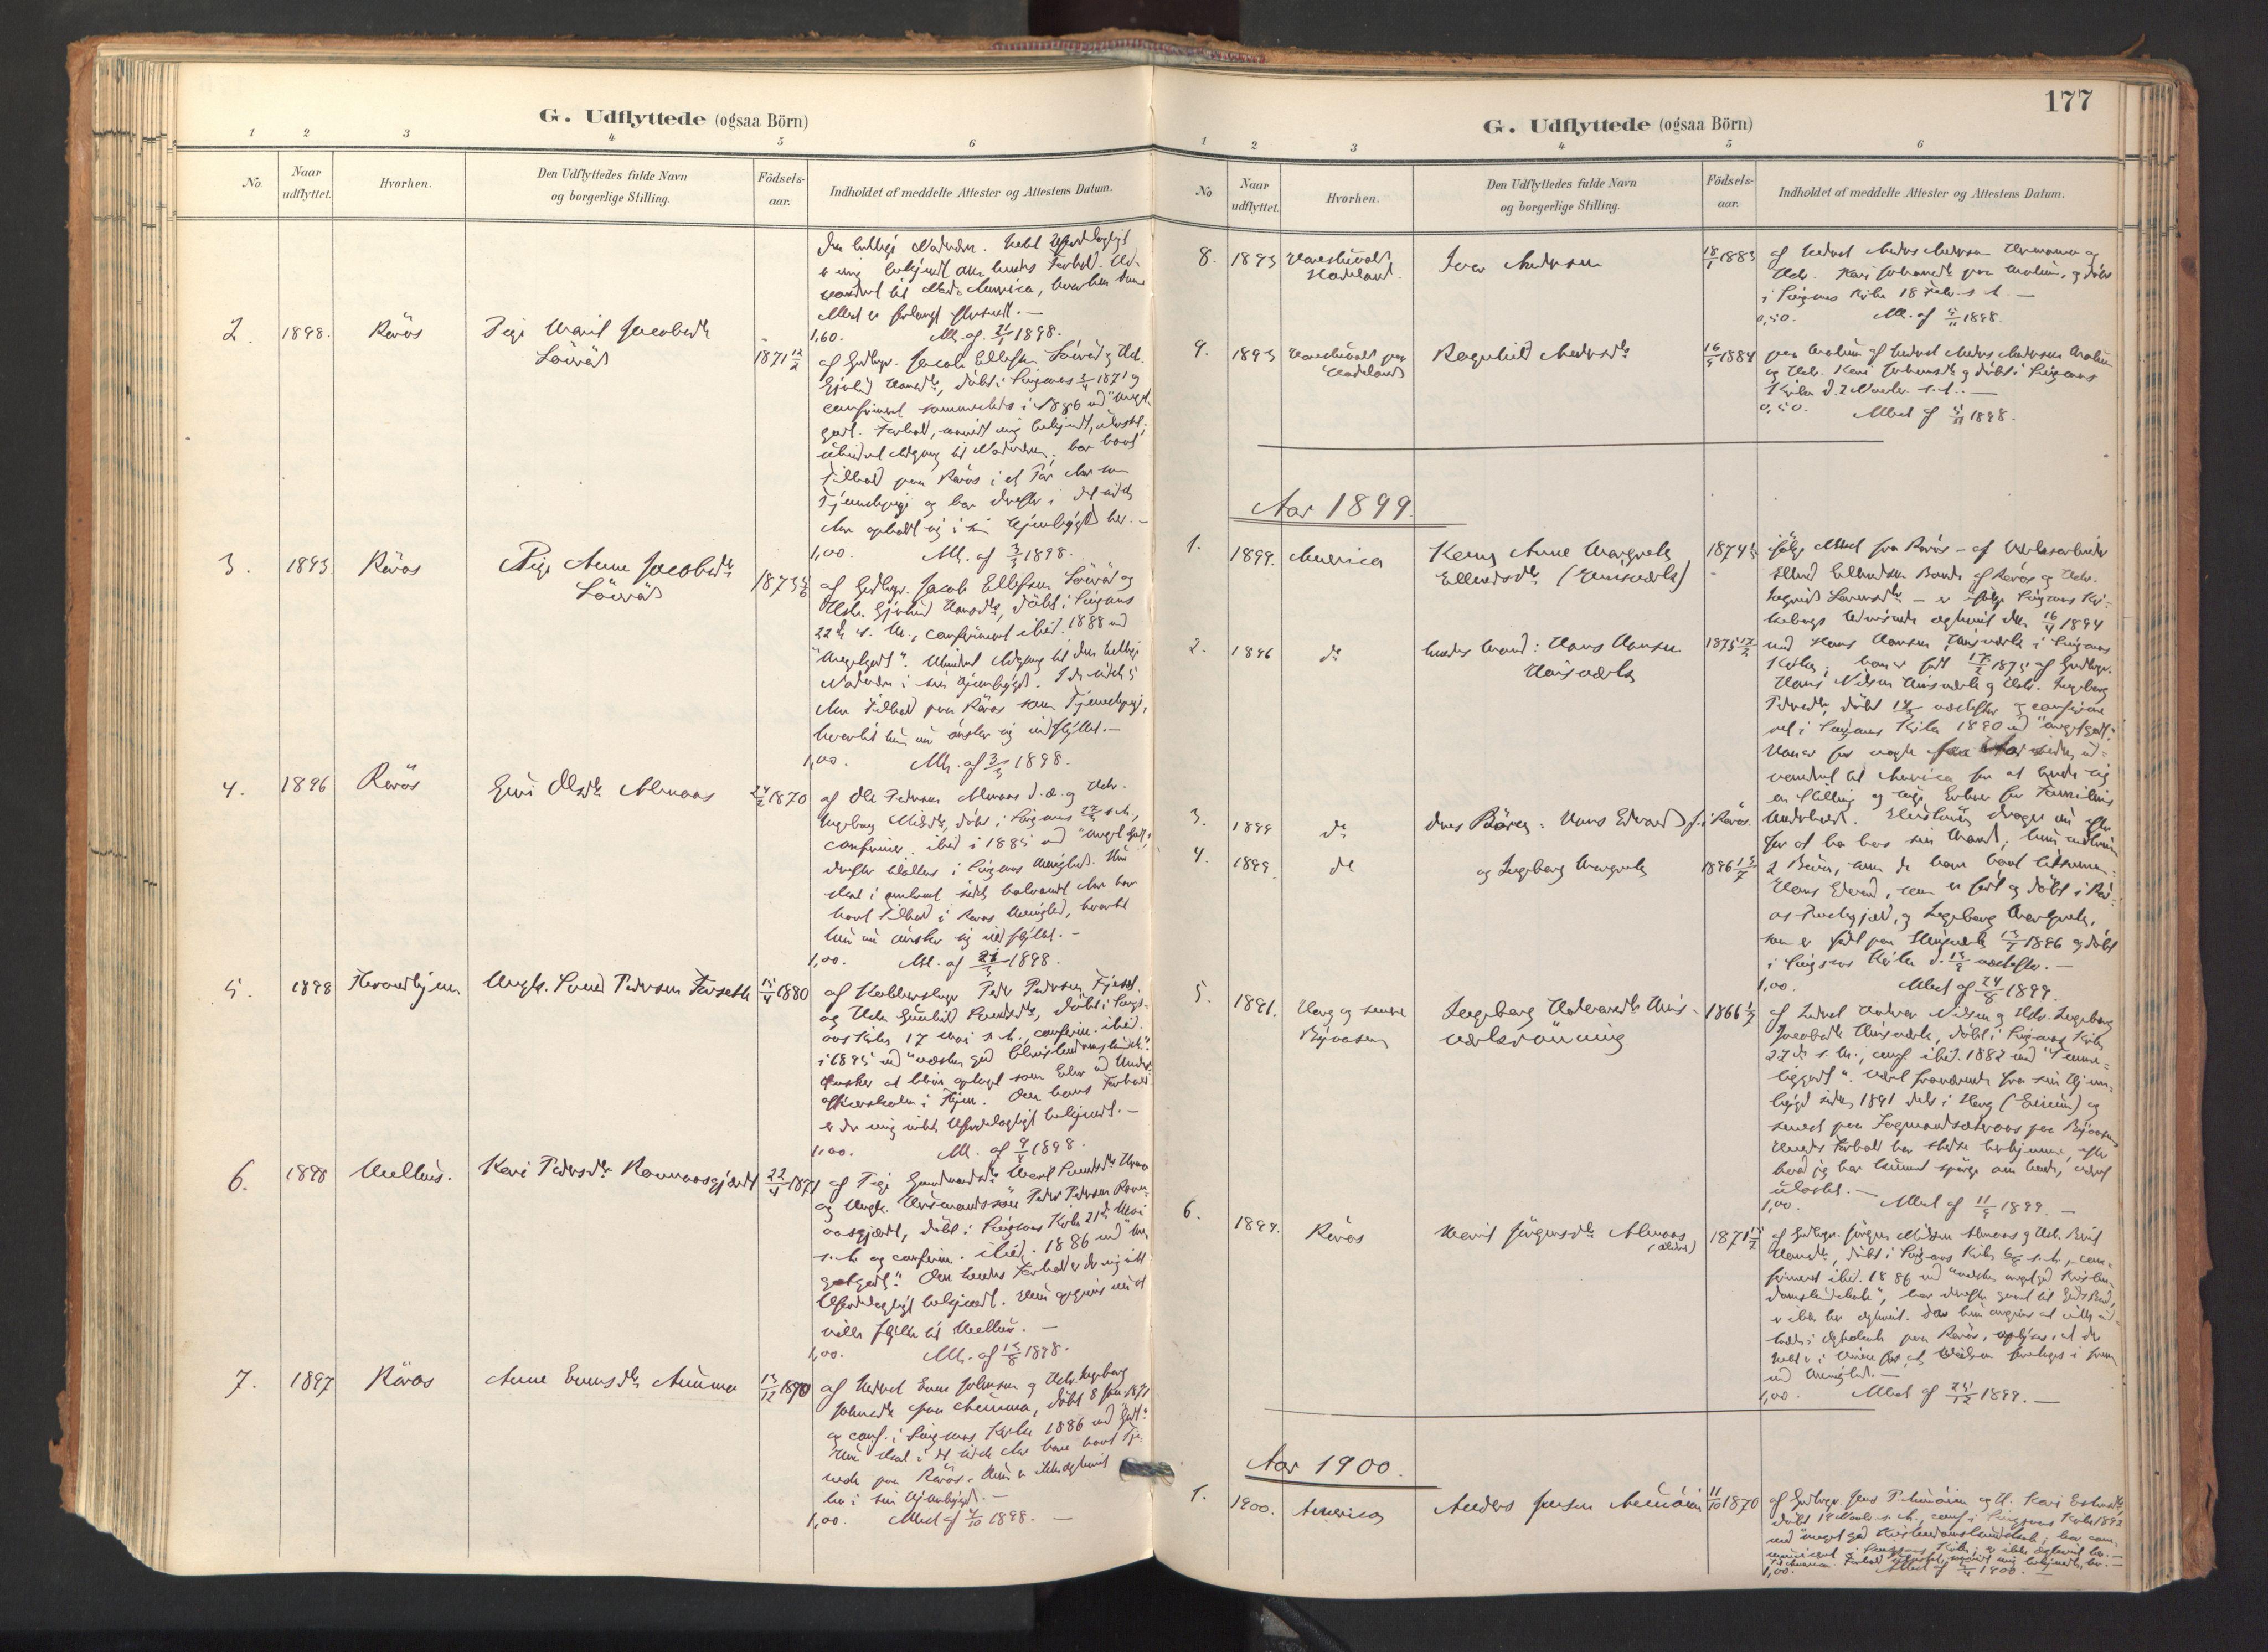 SAT, Ministerialprotokoller, klokkerbøker og fødselsregistre - Sør-Trøndelag, 688/L1025: Ministerialbok nr. 688A02, 1891-1909, s. 177